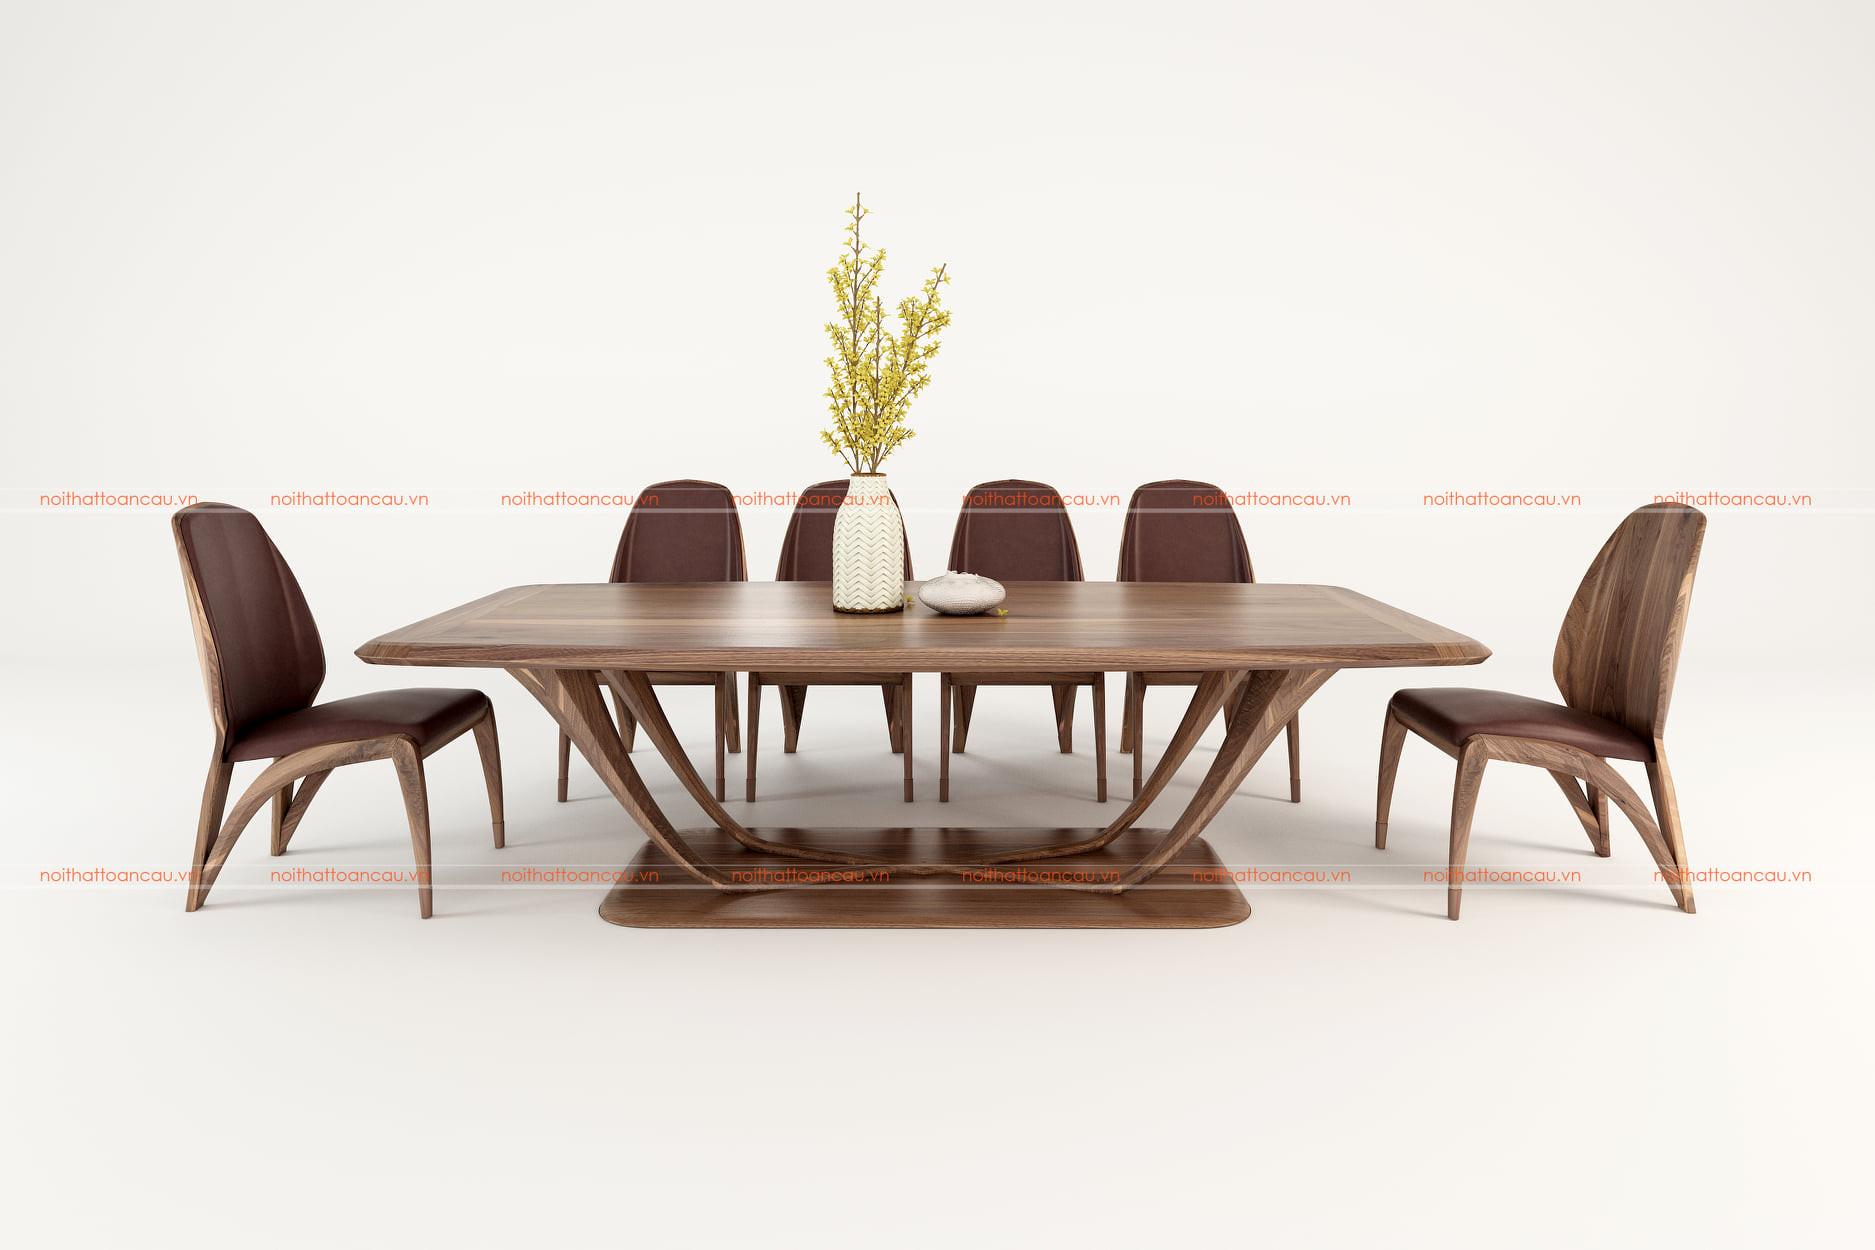 Bộ bàn ăn 8 ghế gỗ óc chó - TC816c